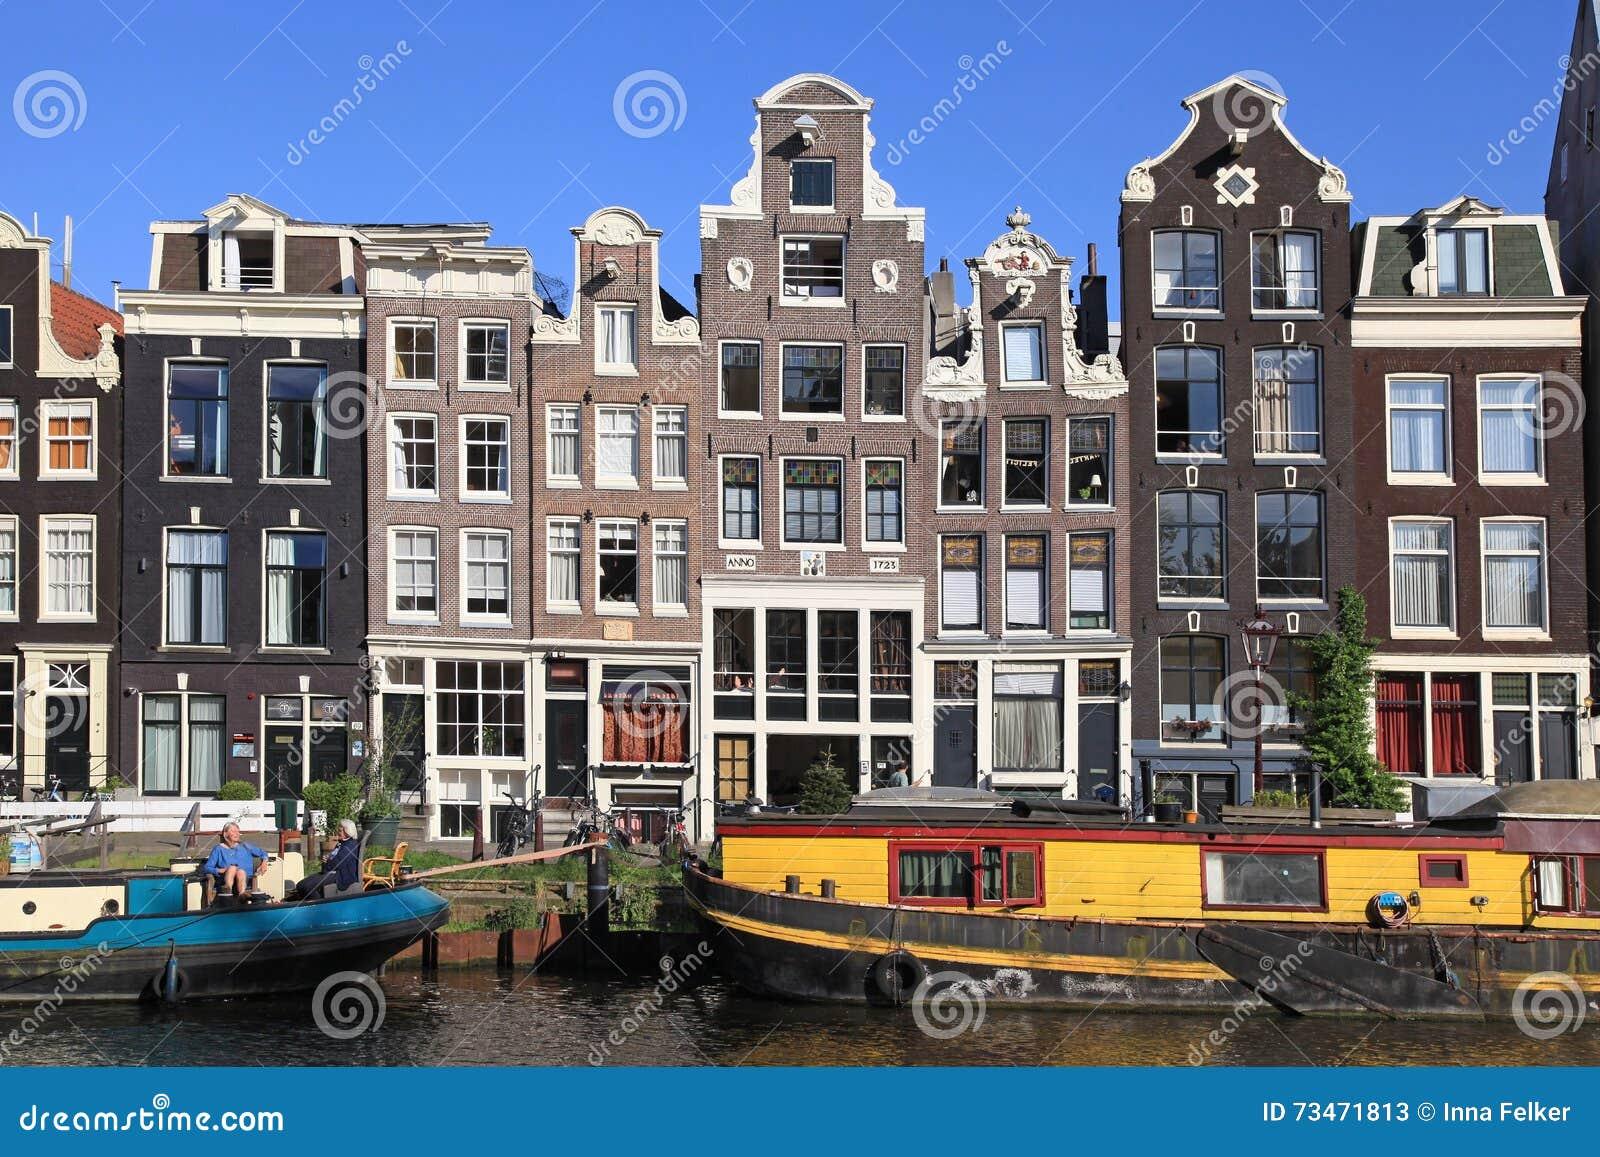 Vecchia architettura e case galleggianti lungo il canale for Case architettura